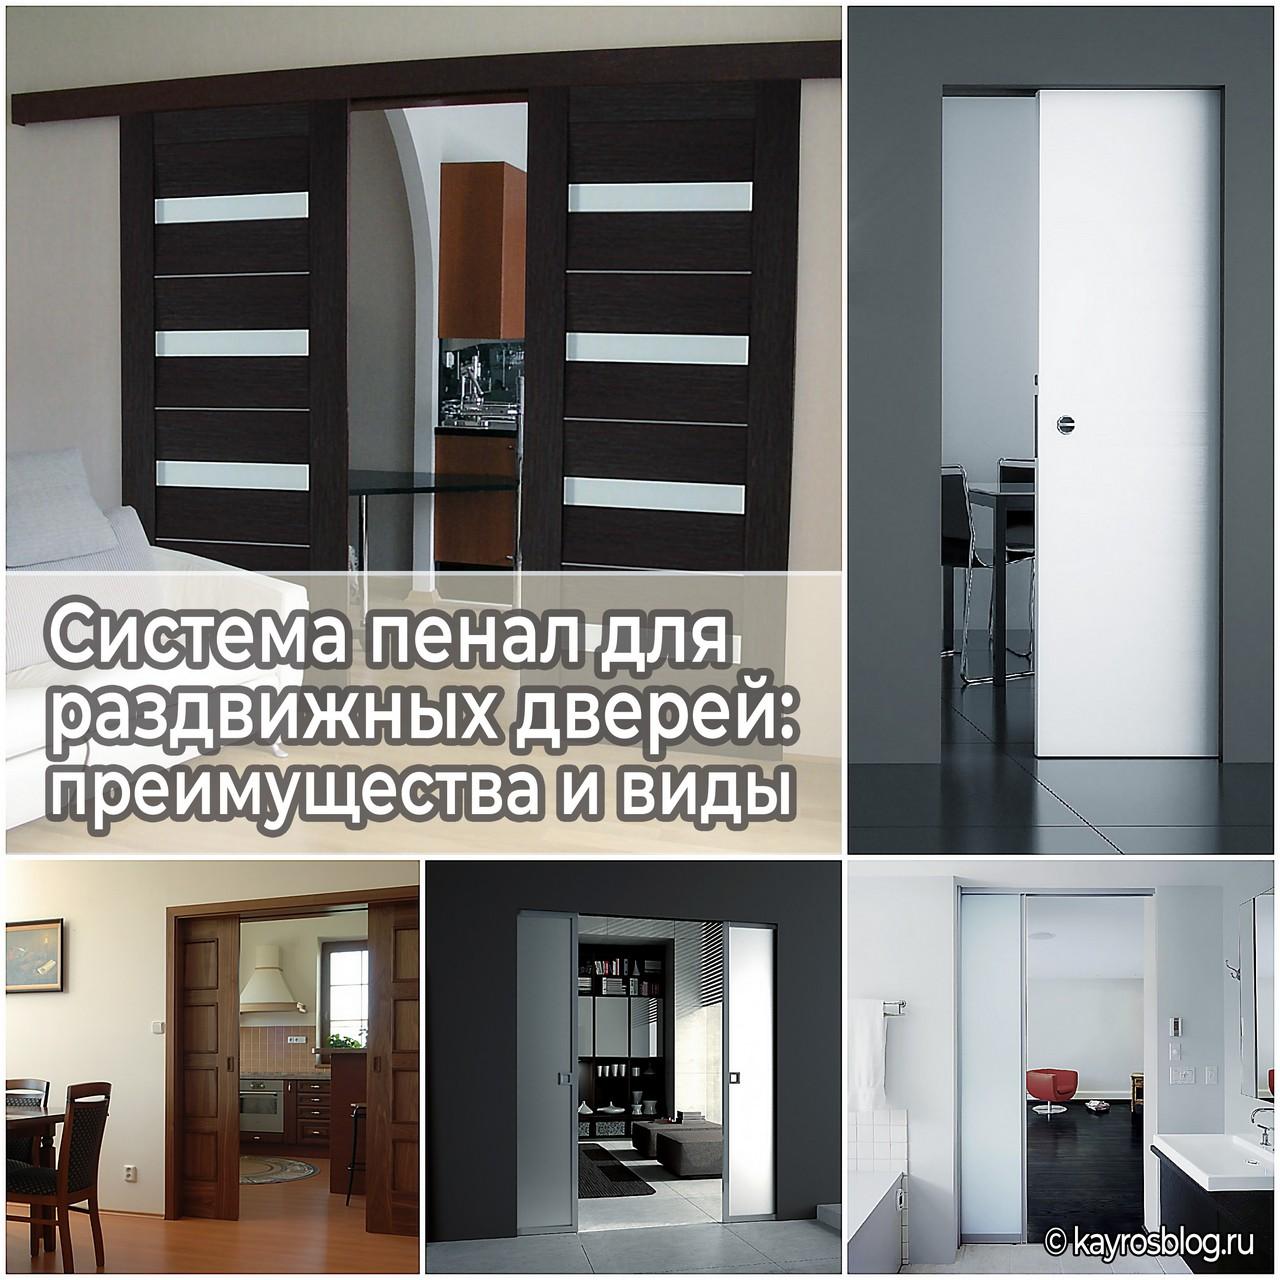 Система пенал для раздвижных дверей особенности, преимущества и виды